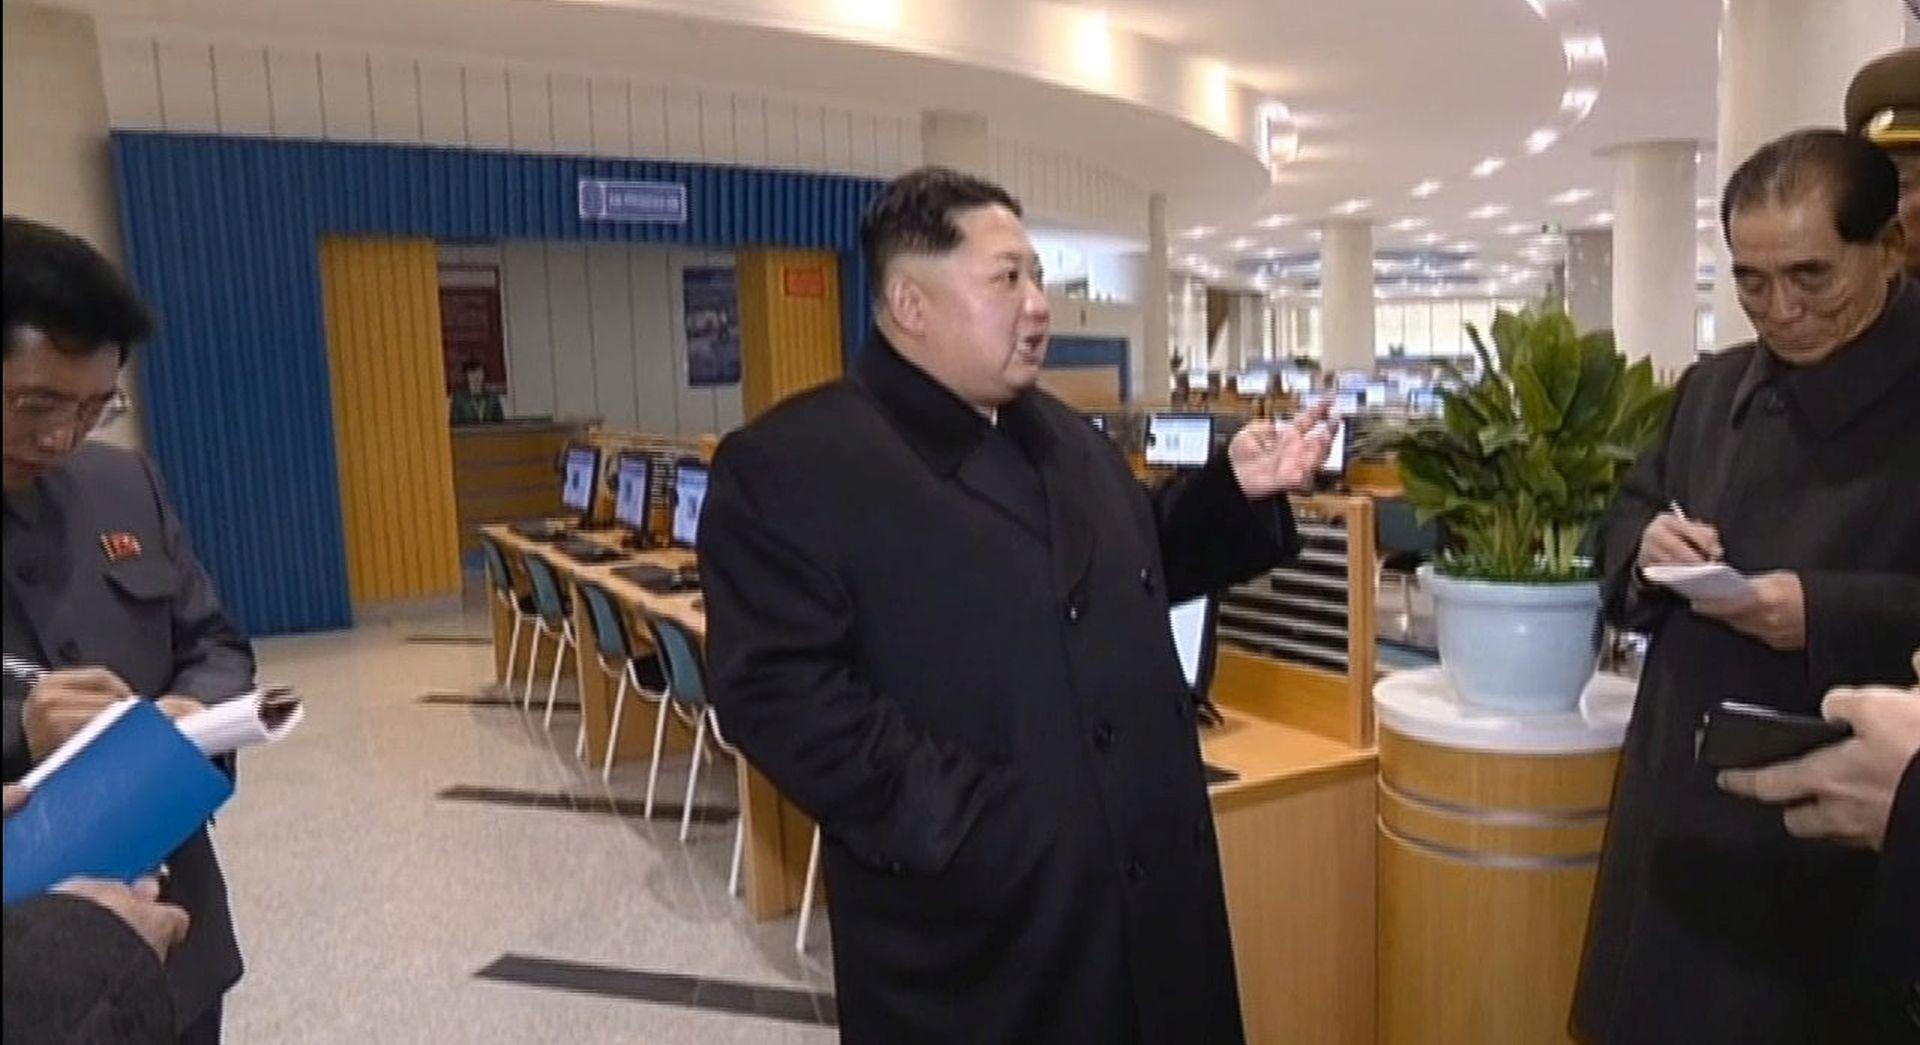 ČETVRTO TESTIRANJE: Sjeverna Koreja objavila da je testirala hidrogensku bombu